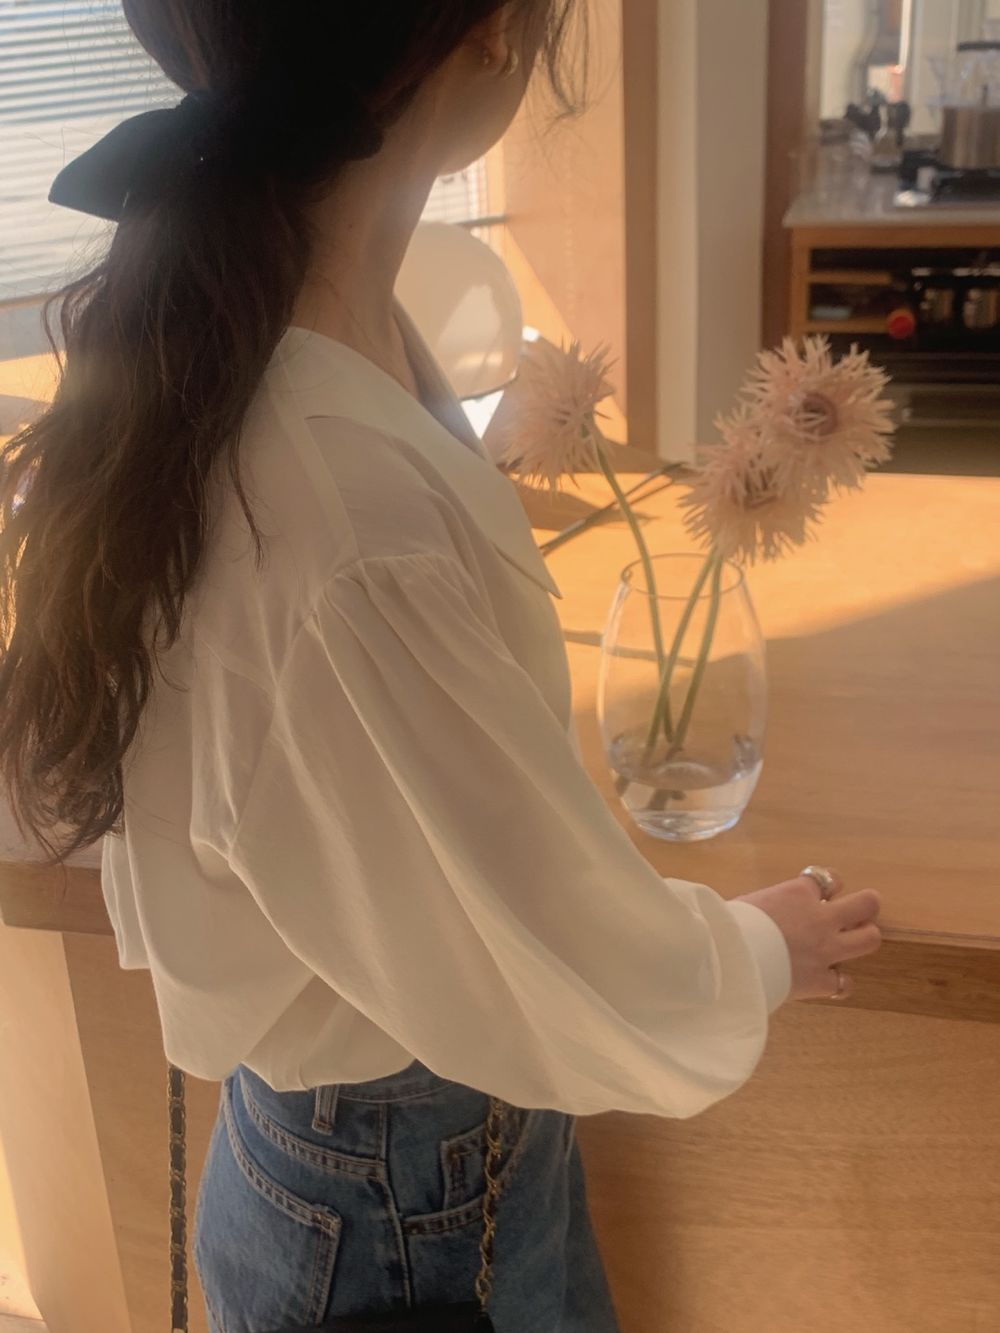 H694477dc5ba2464e90eebf7b8904e752t - Spring / Autumn Chelsea Collar Long Sleeves Solid Blouse